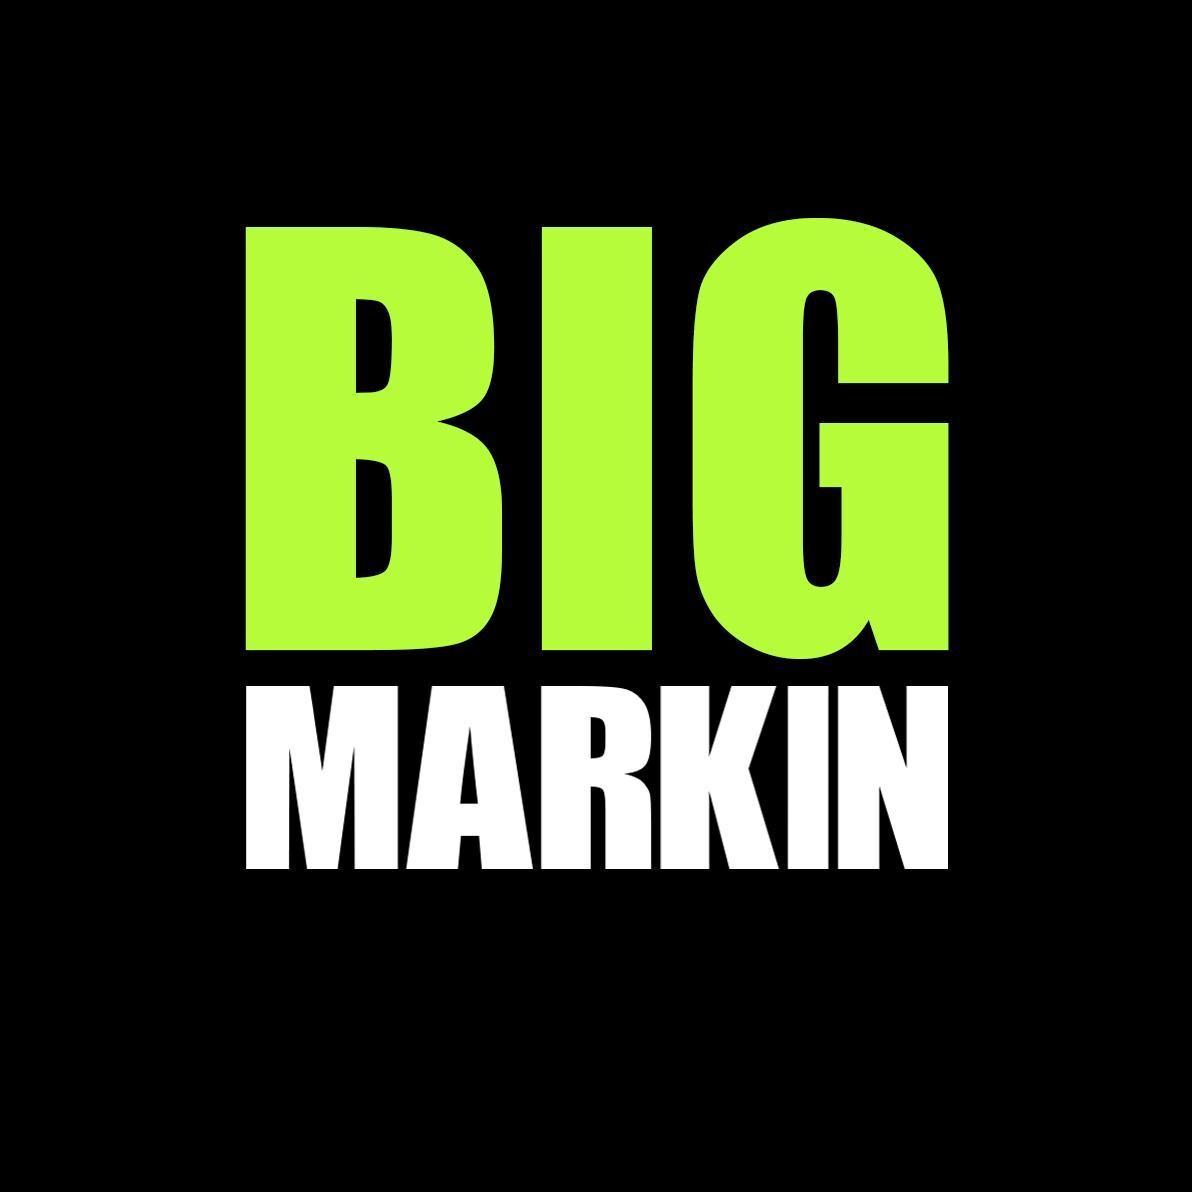 BIG Markin